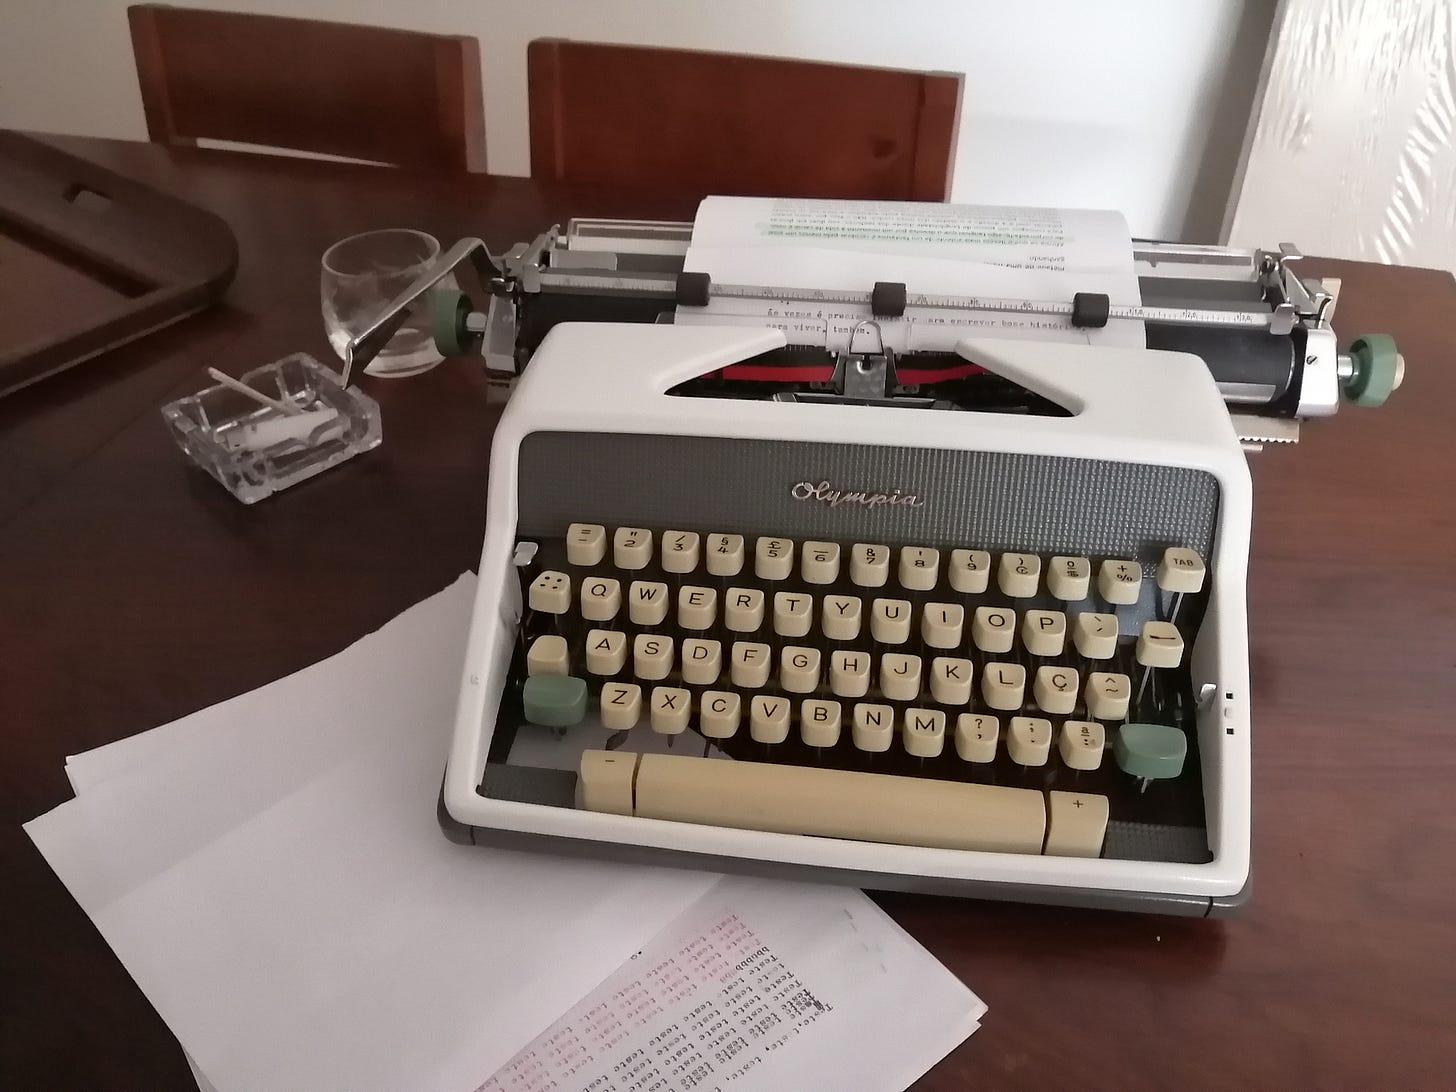 escrever na máquina: ambiência é tudo